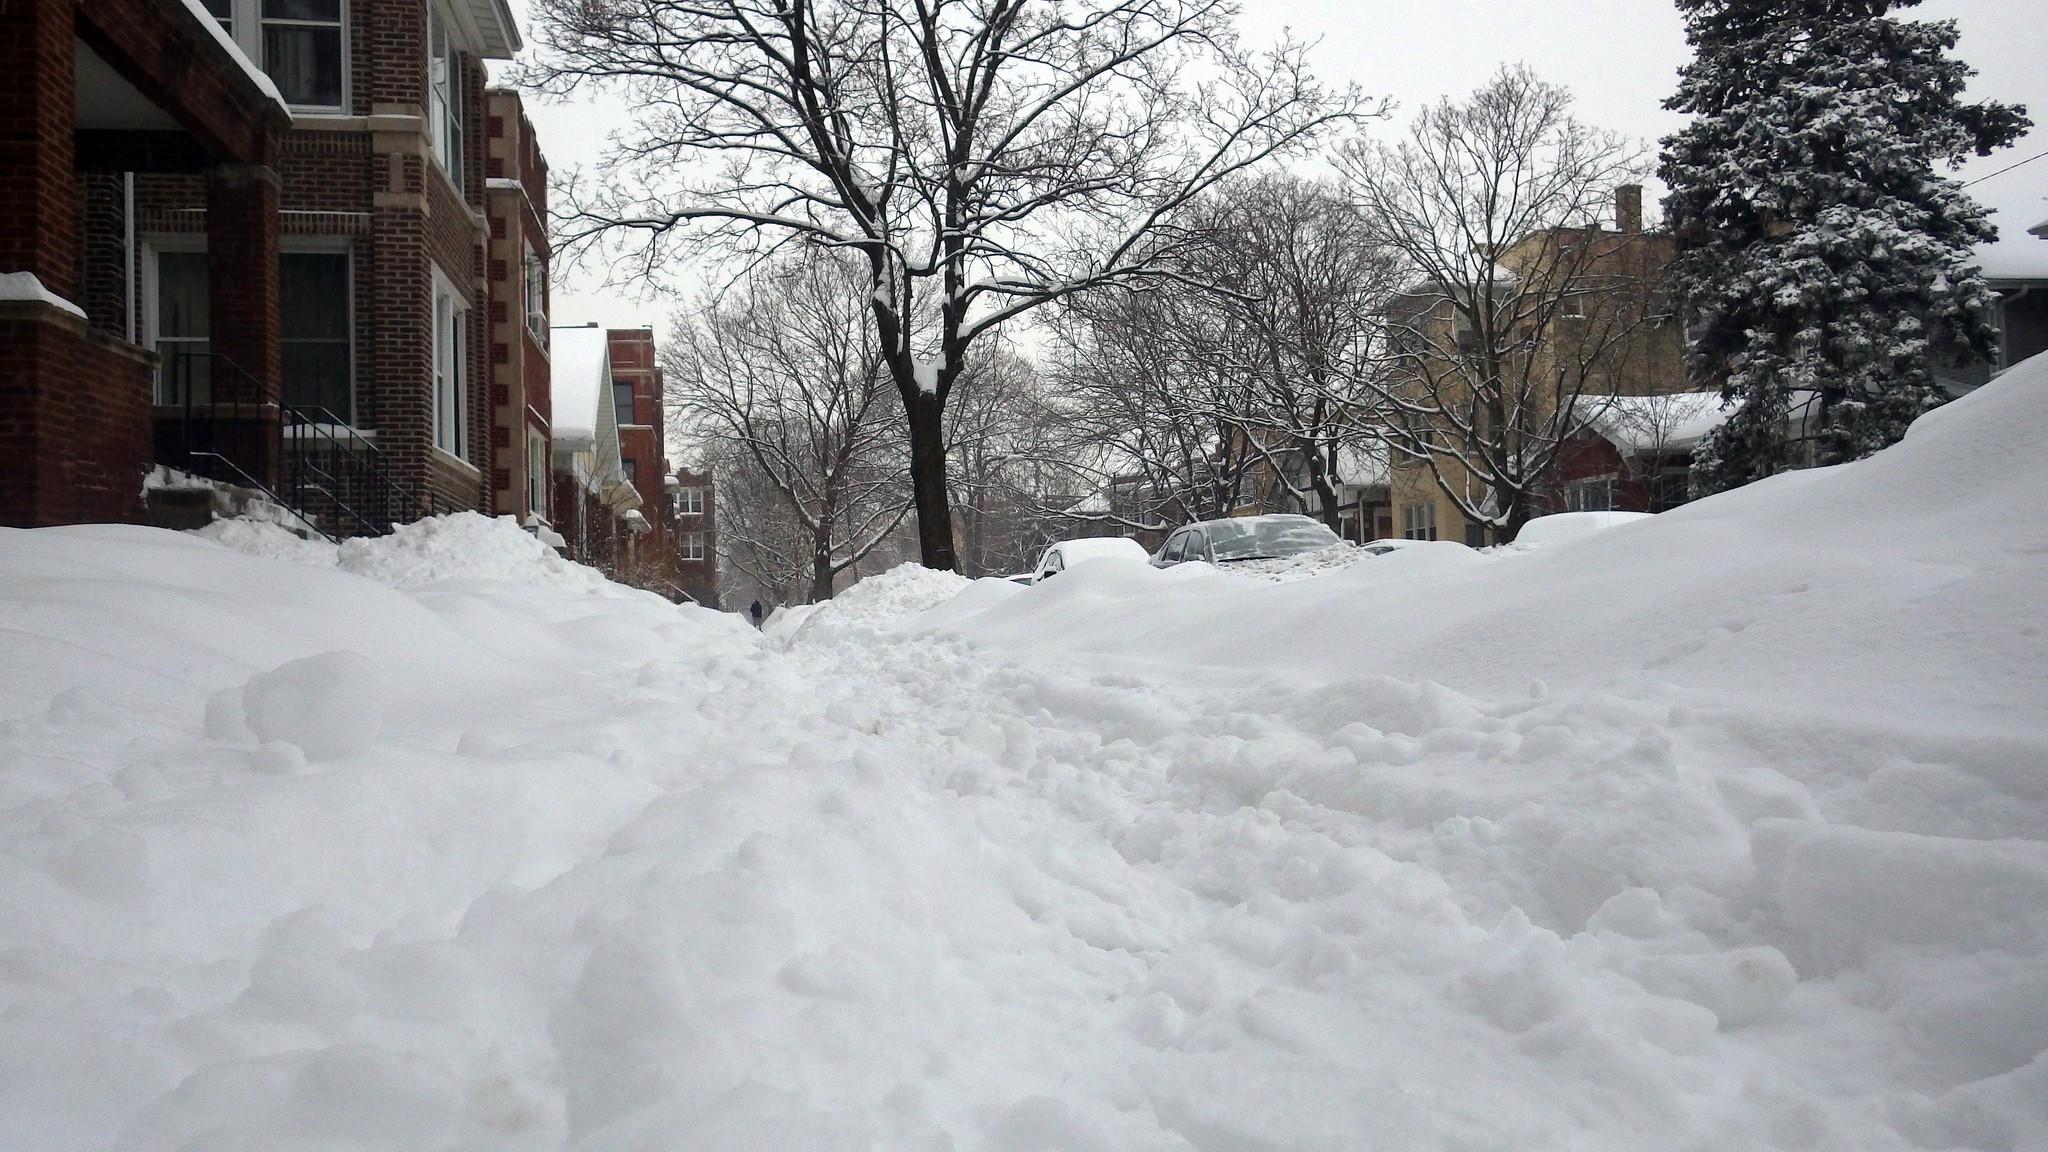 Write a list explaining how to prepare for a snow storm.